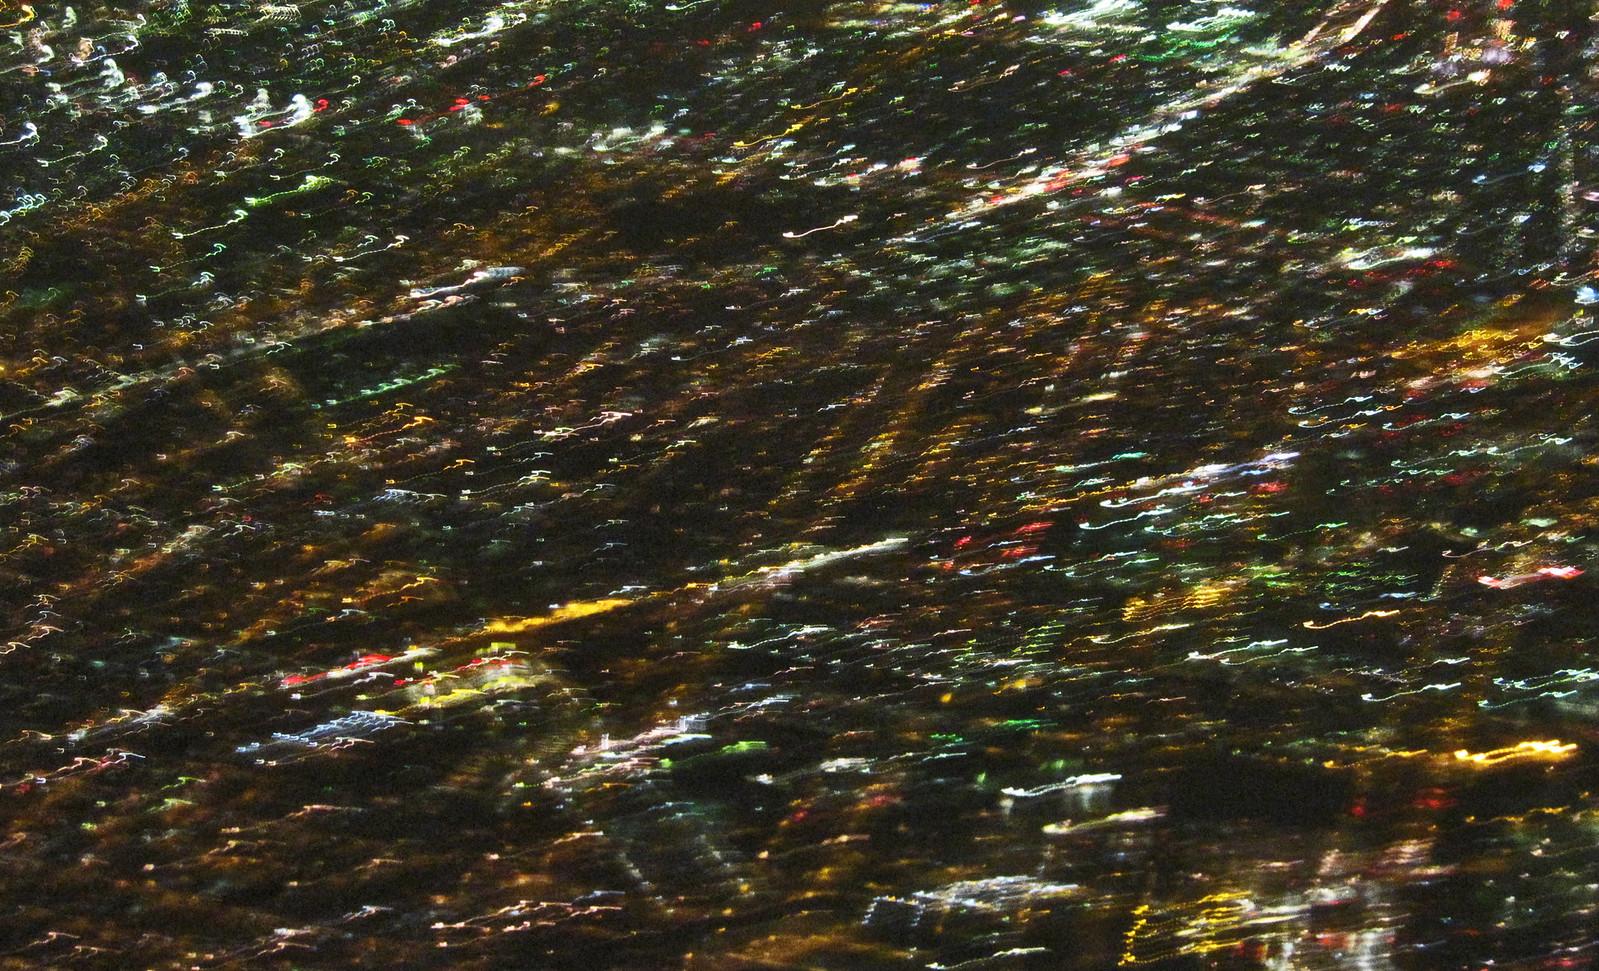 Aérea nocturna 24